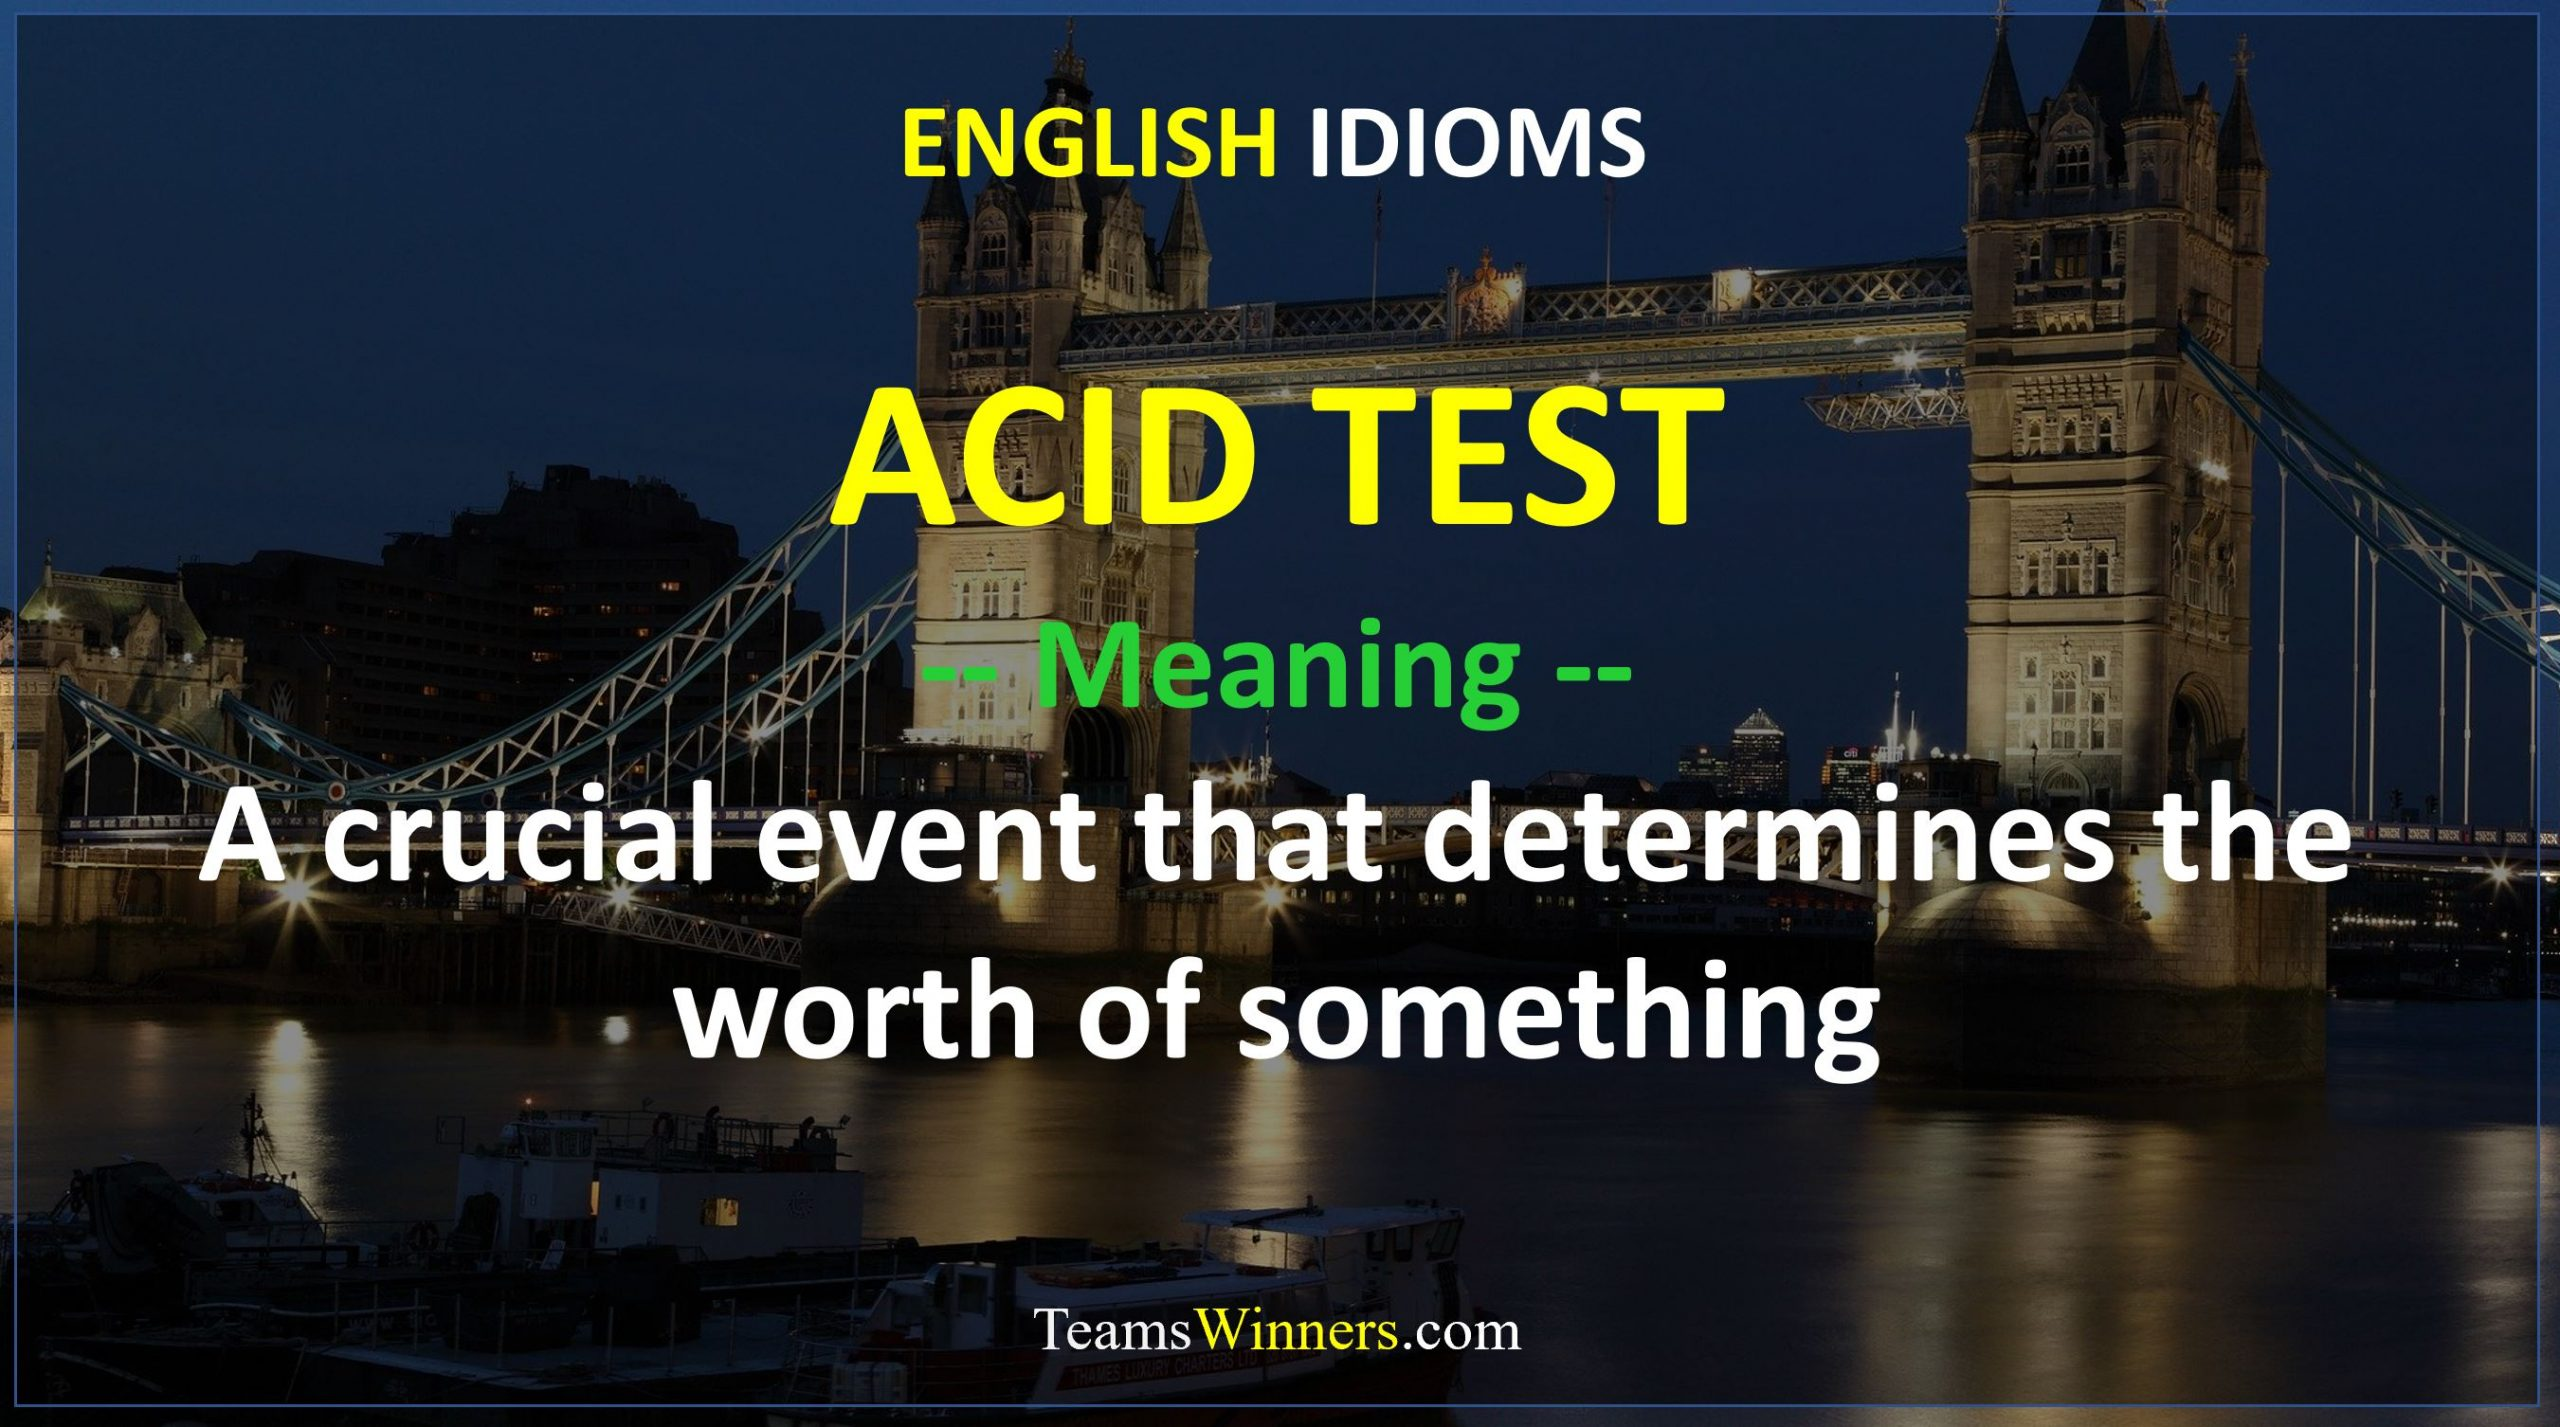 English Idiom - Acid Test